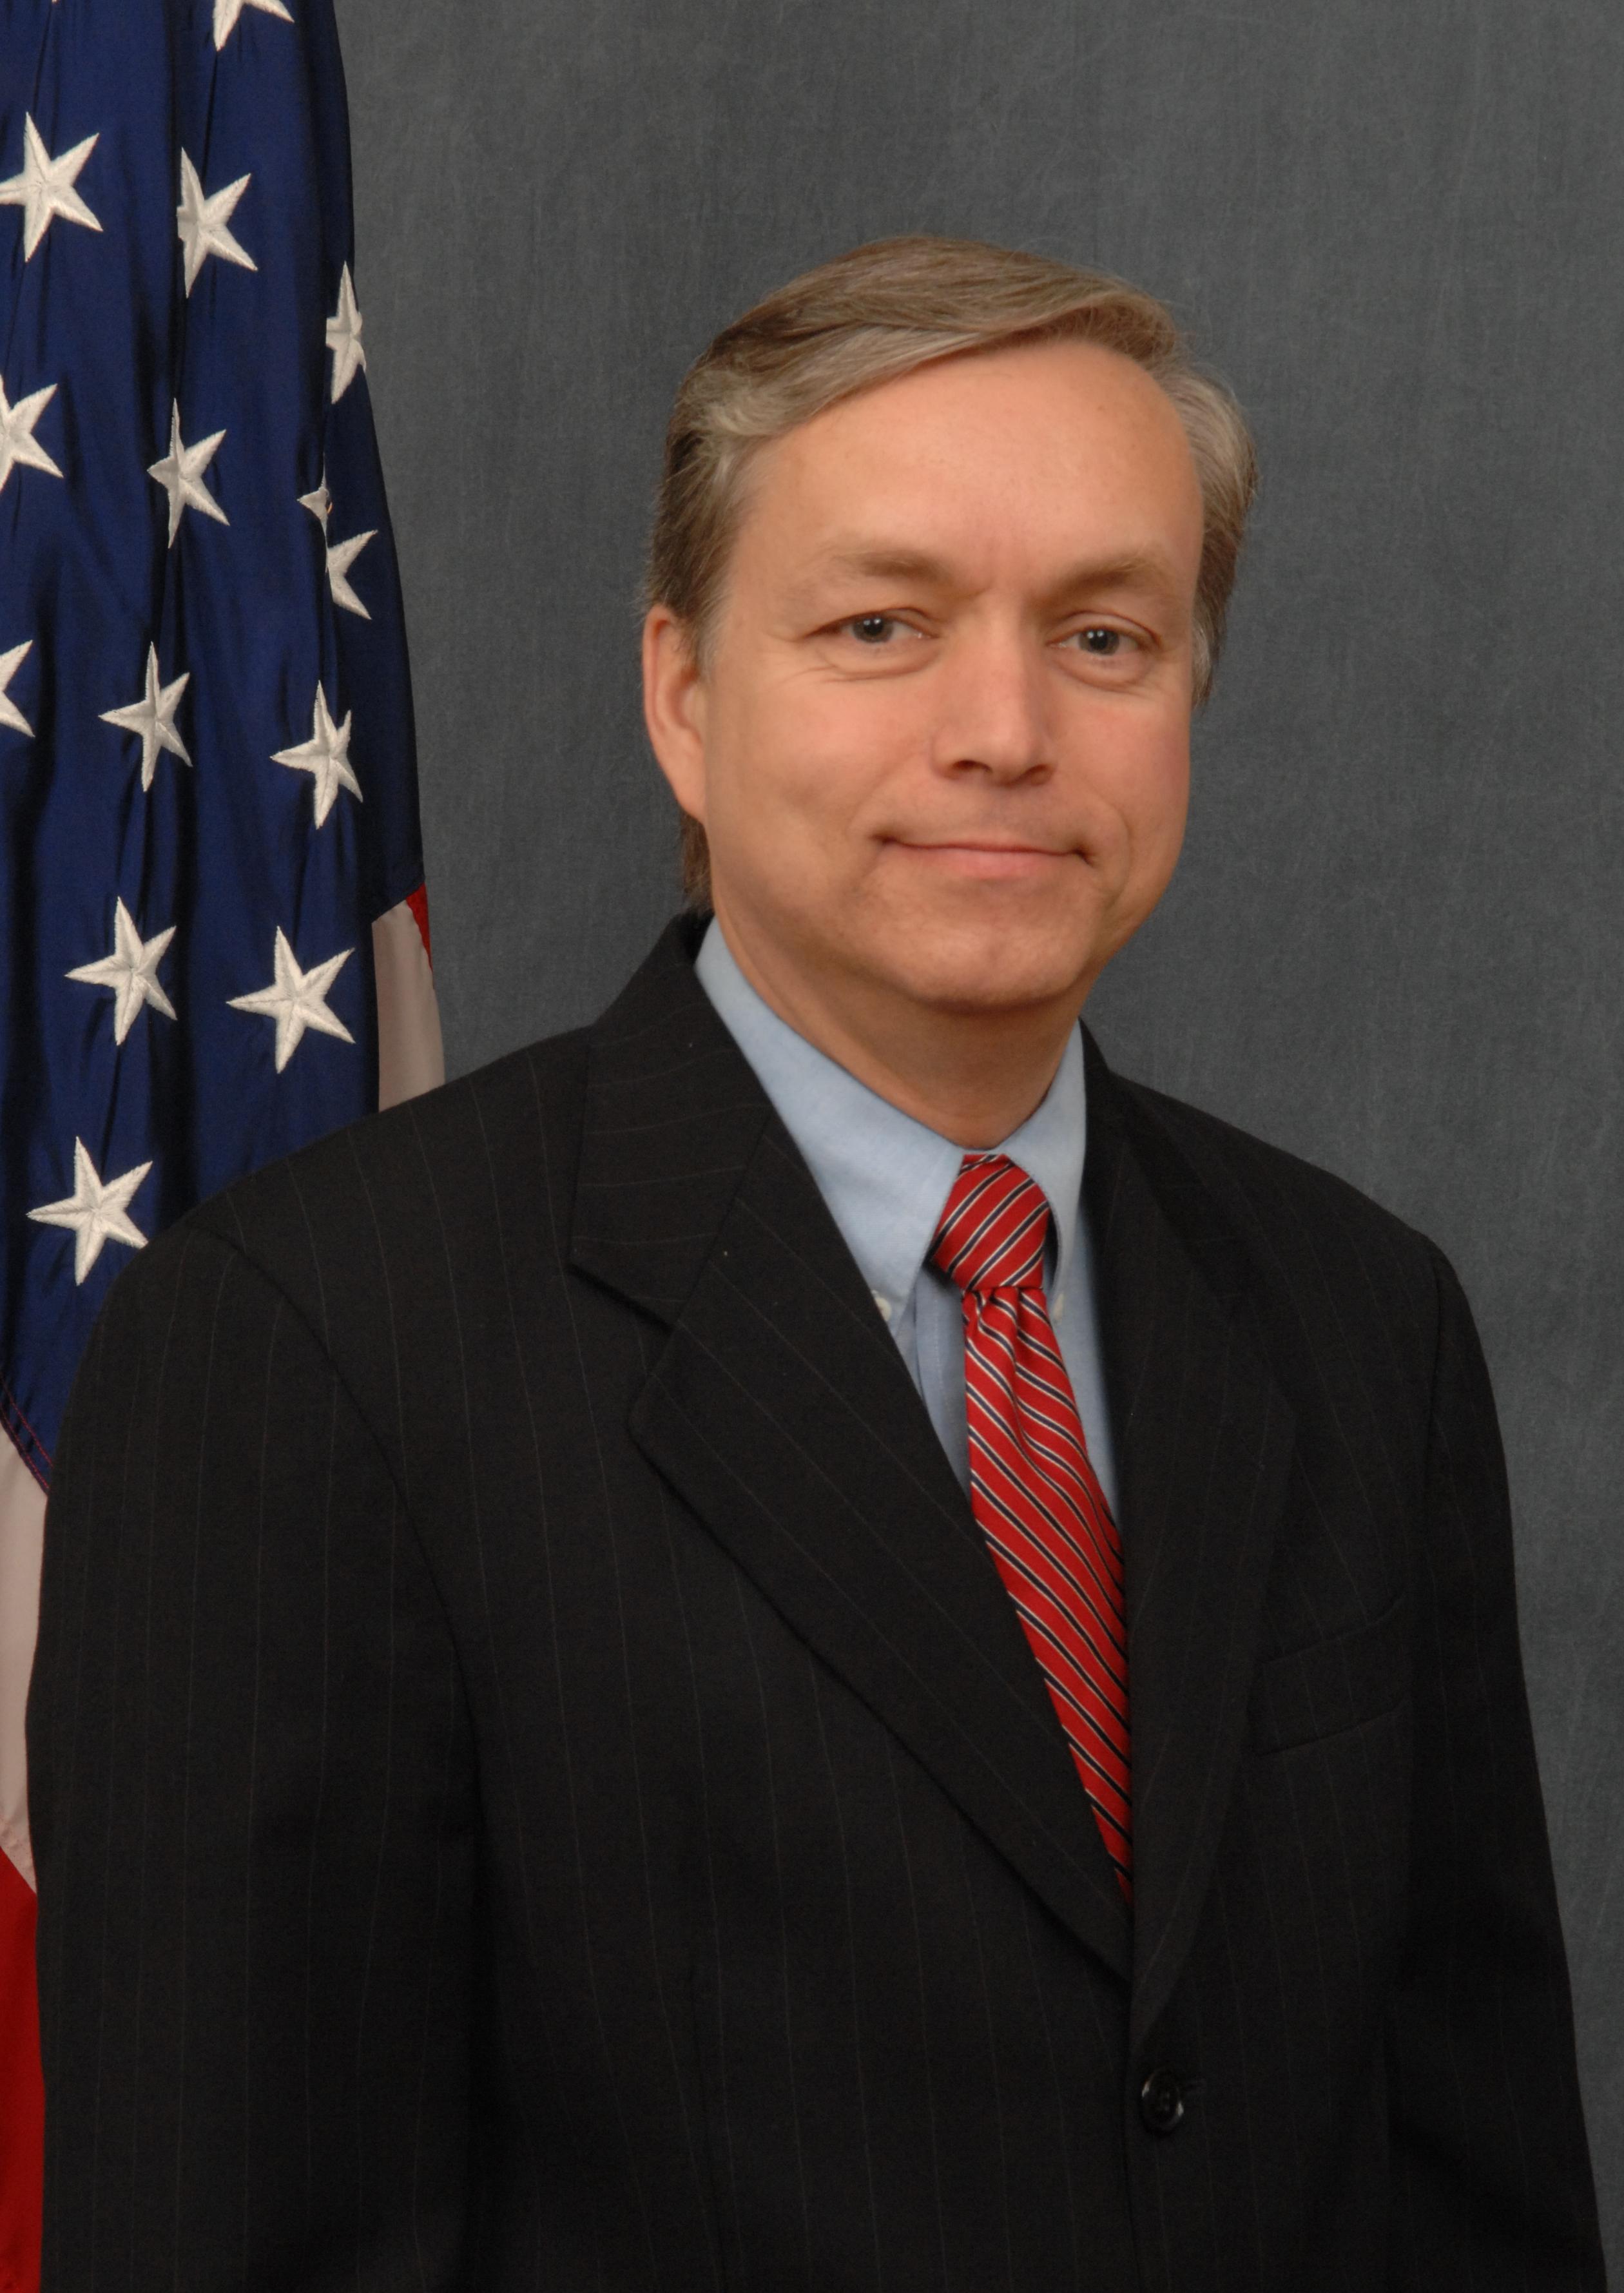 Walter Cruickshank